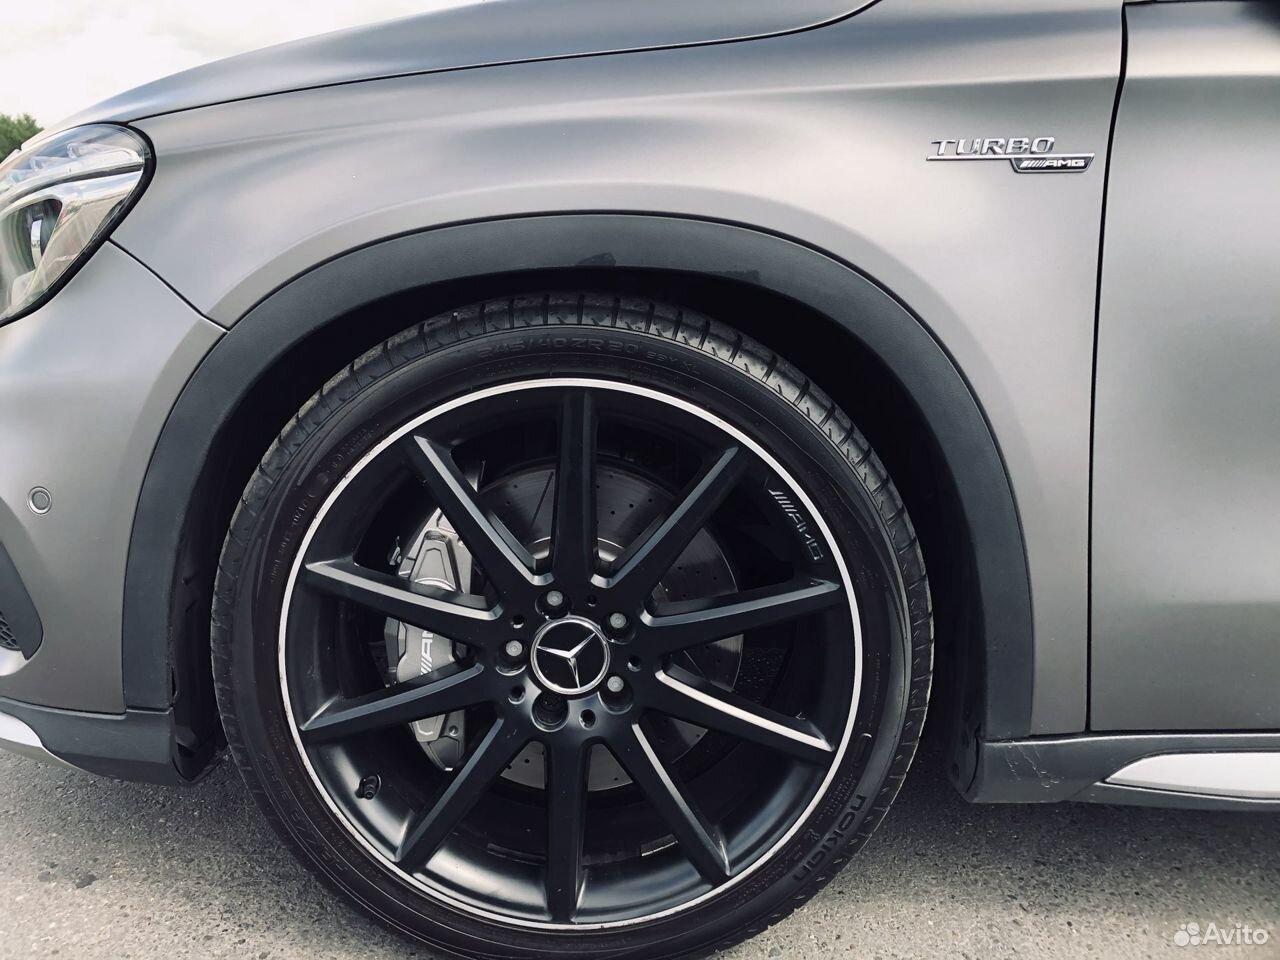 Оригинальные колеса на Mercedes-AMG R20  89141584090 купить 1